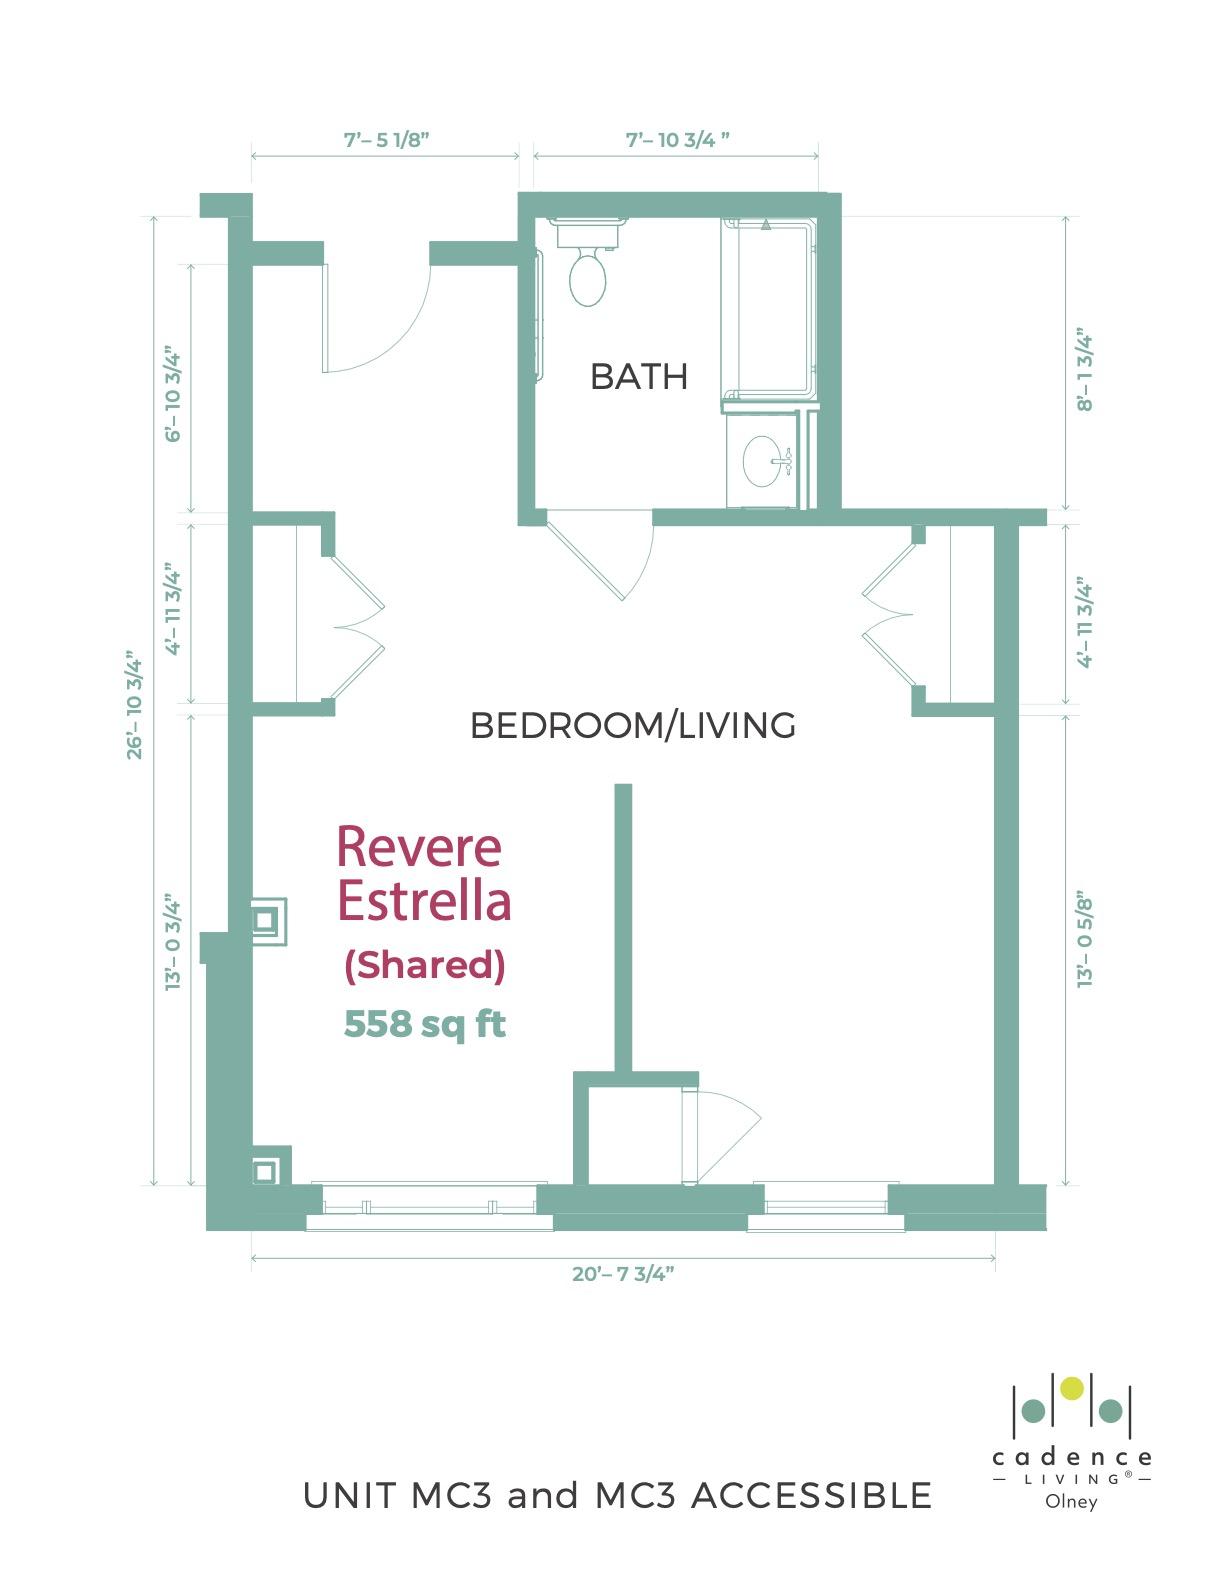 Revere Estrella Shared Room Floor Plan